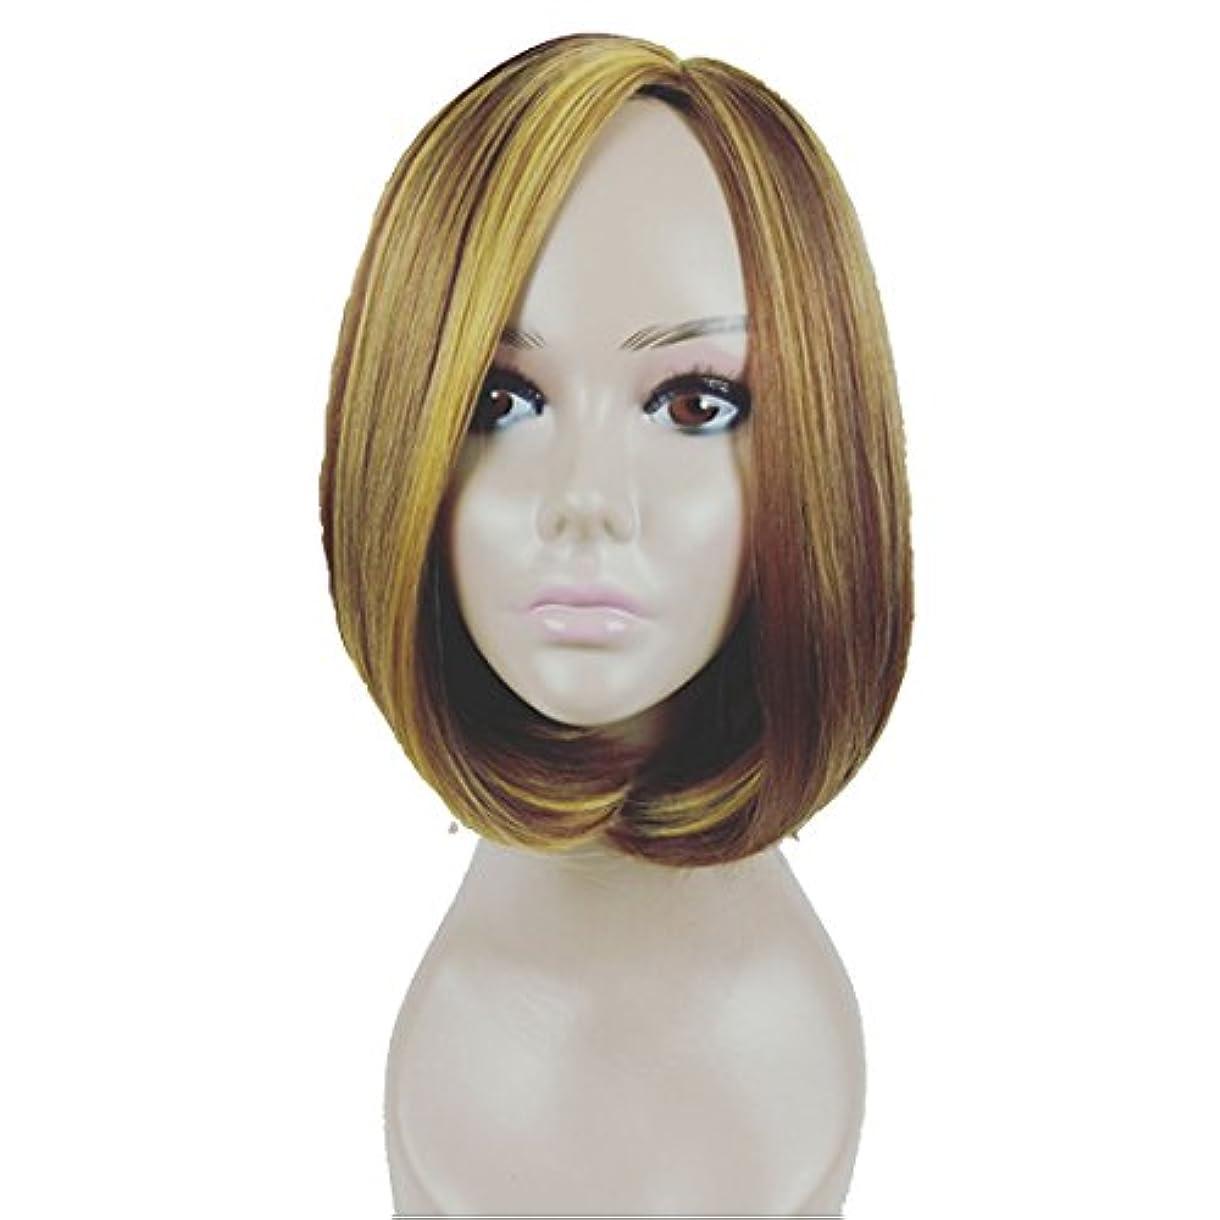 熟読する即席増幅するJIANFU 女性のための短いストレートウィッグスプリットバンズウィッグと人間の髪ボブの頭の中で自然な長いウェーブのかつらを見てパーティーのウィッグ (Color : Black gold)